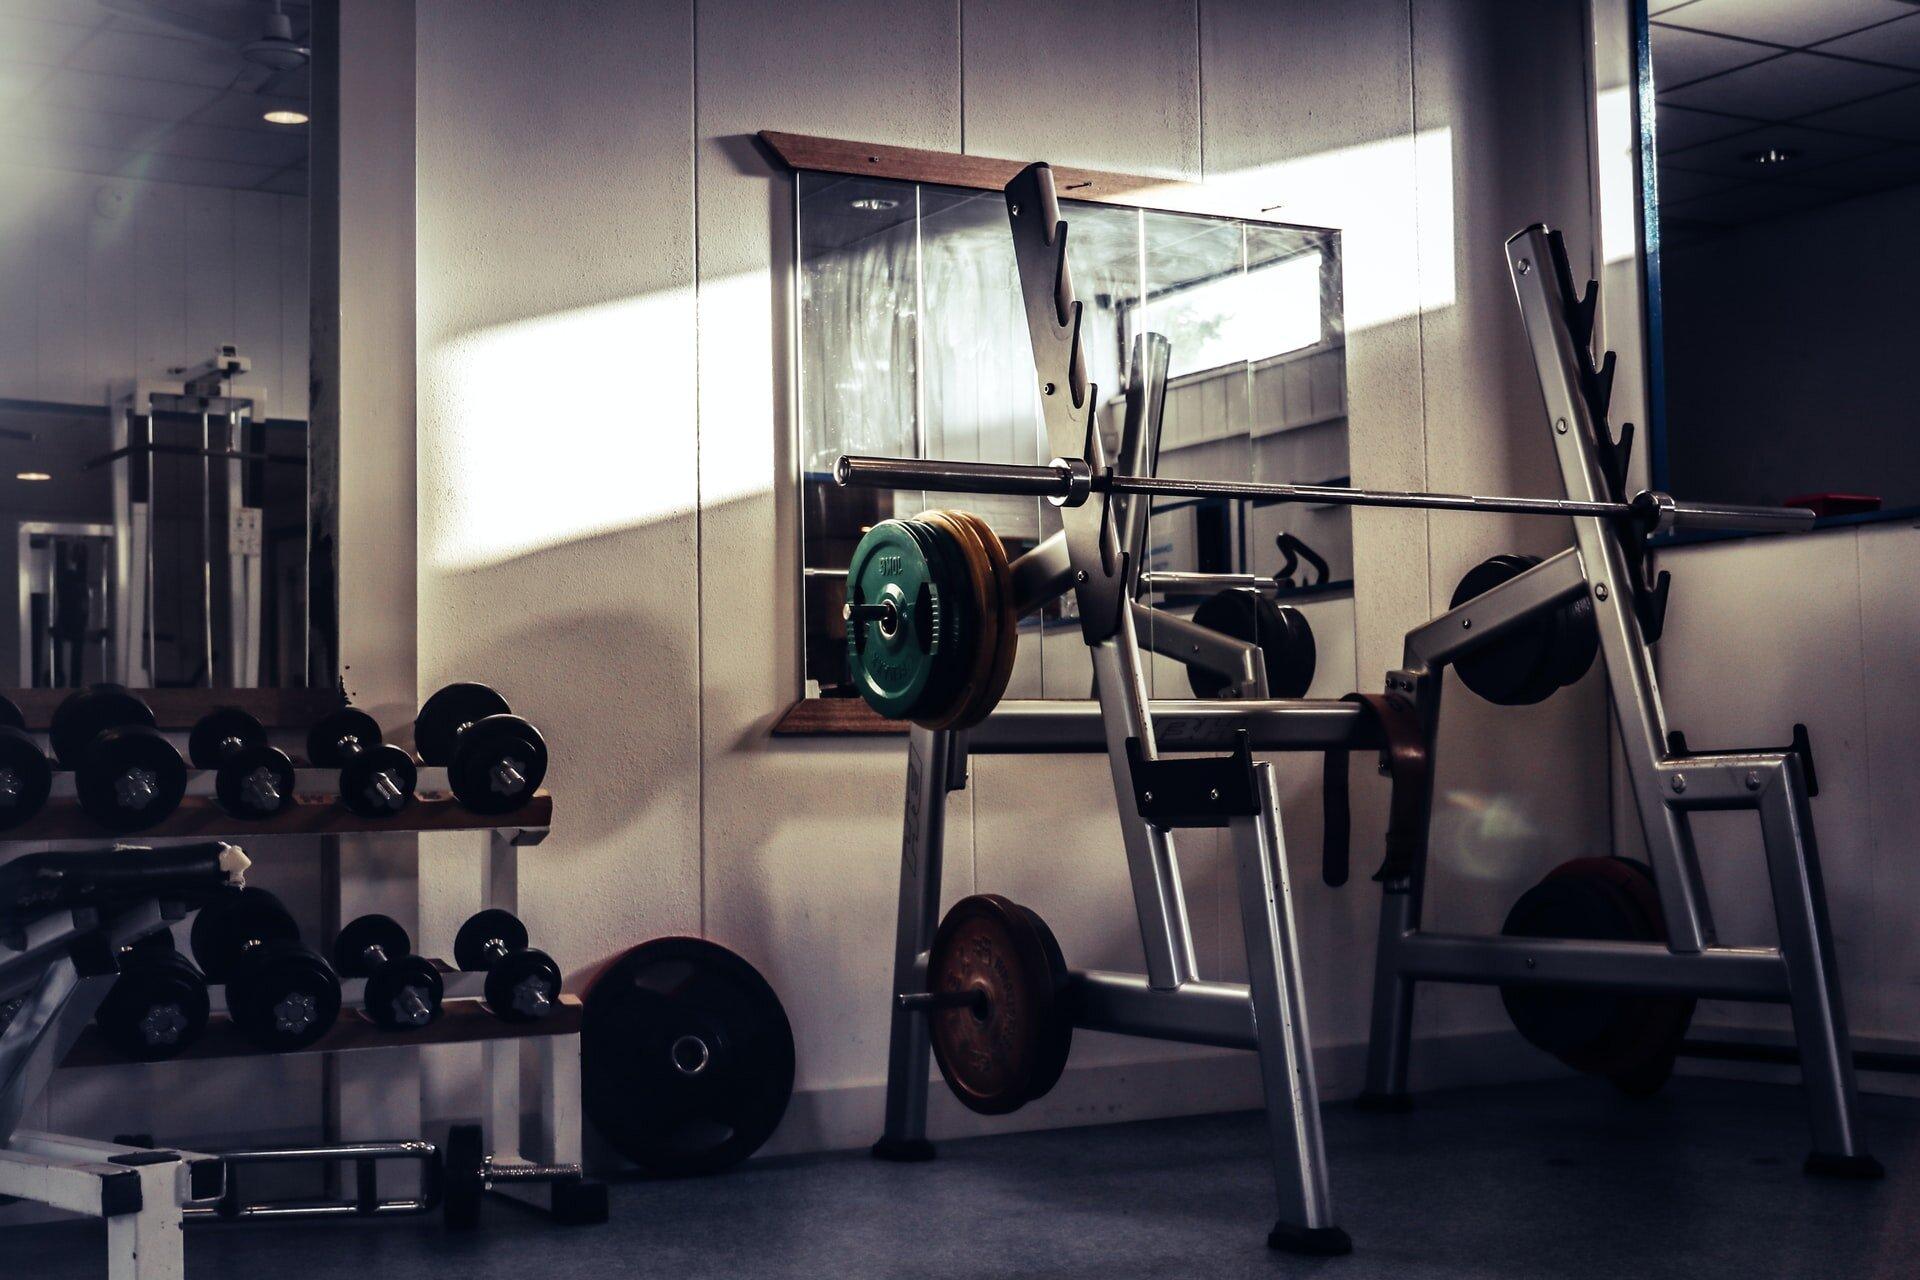 Stojaki na siłownię – jakie wybrać ?